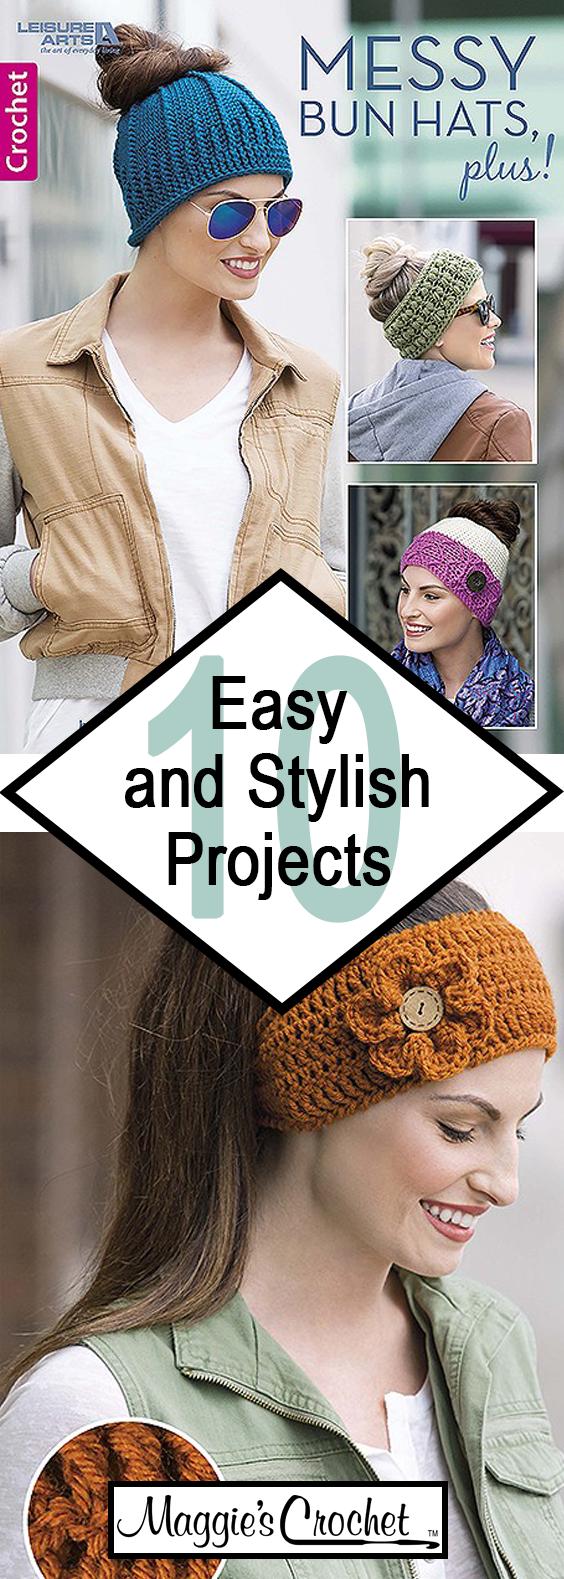 Messy Bun Hats Plus Crochet Pattern Leaflet #messybunhat